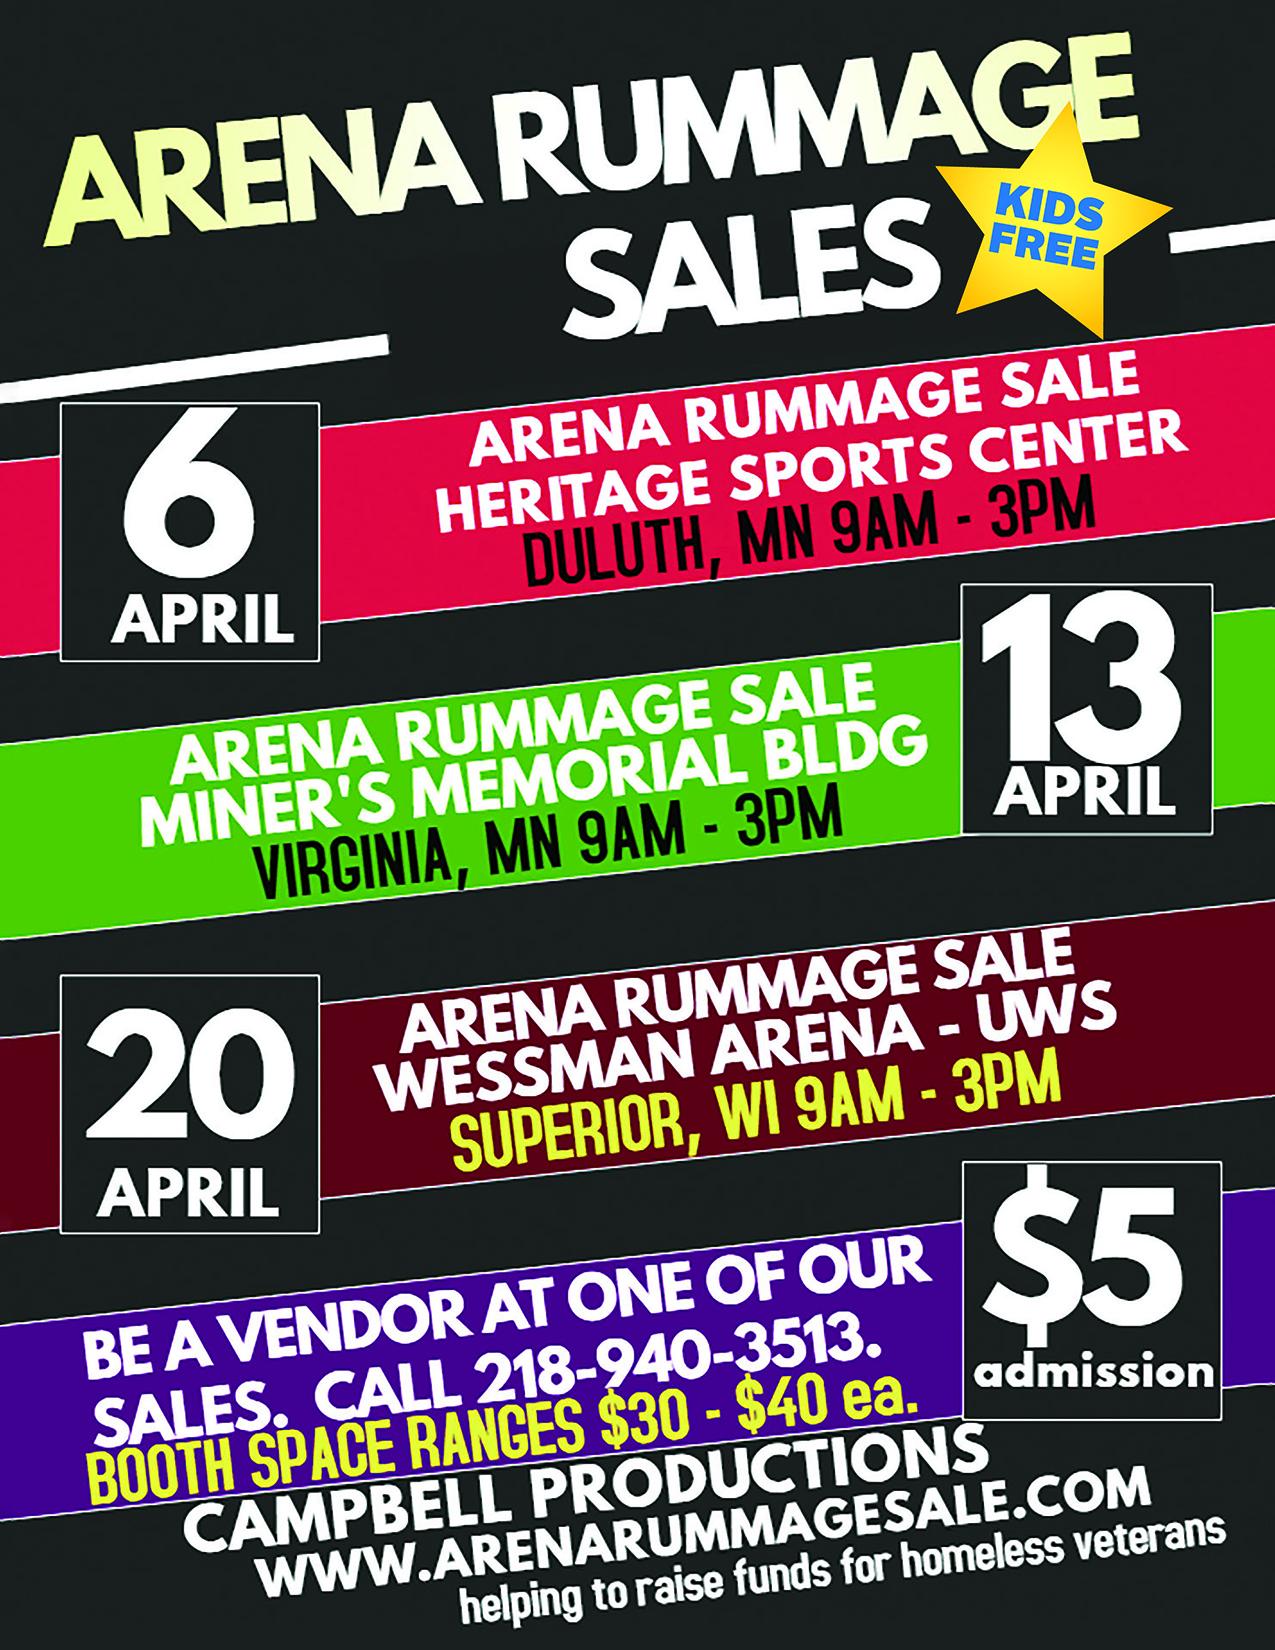 2019 Arena Rummage Sales – The Largest Indoor Rummage Sales